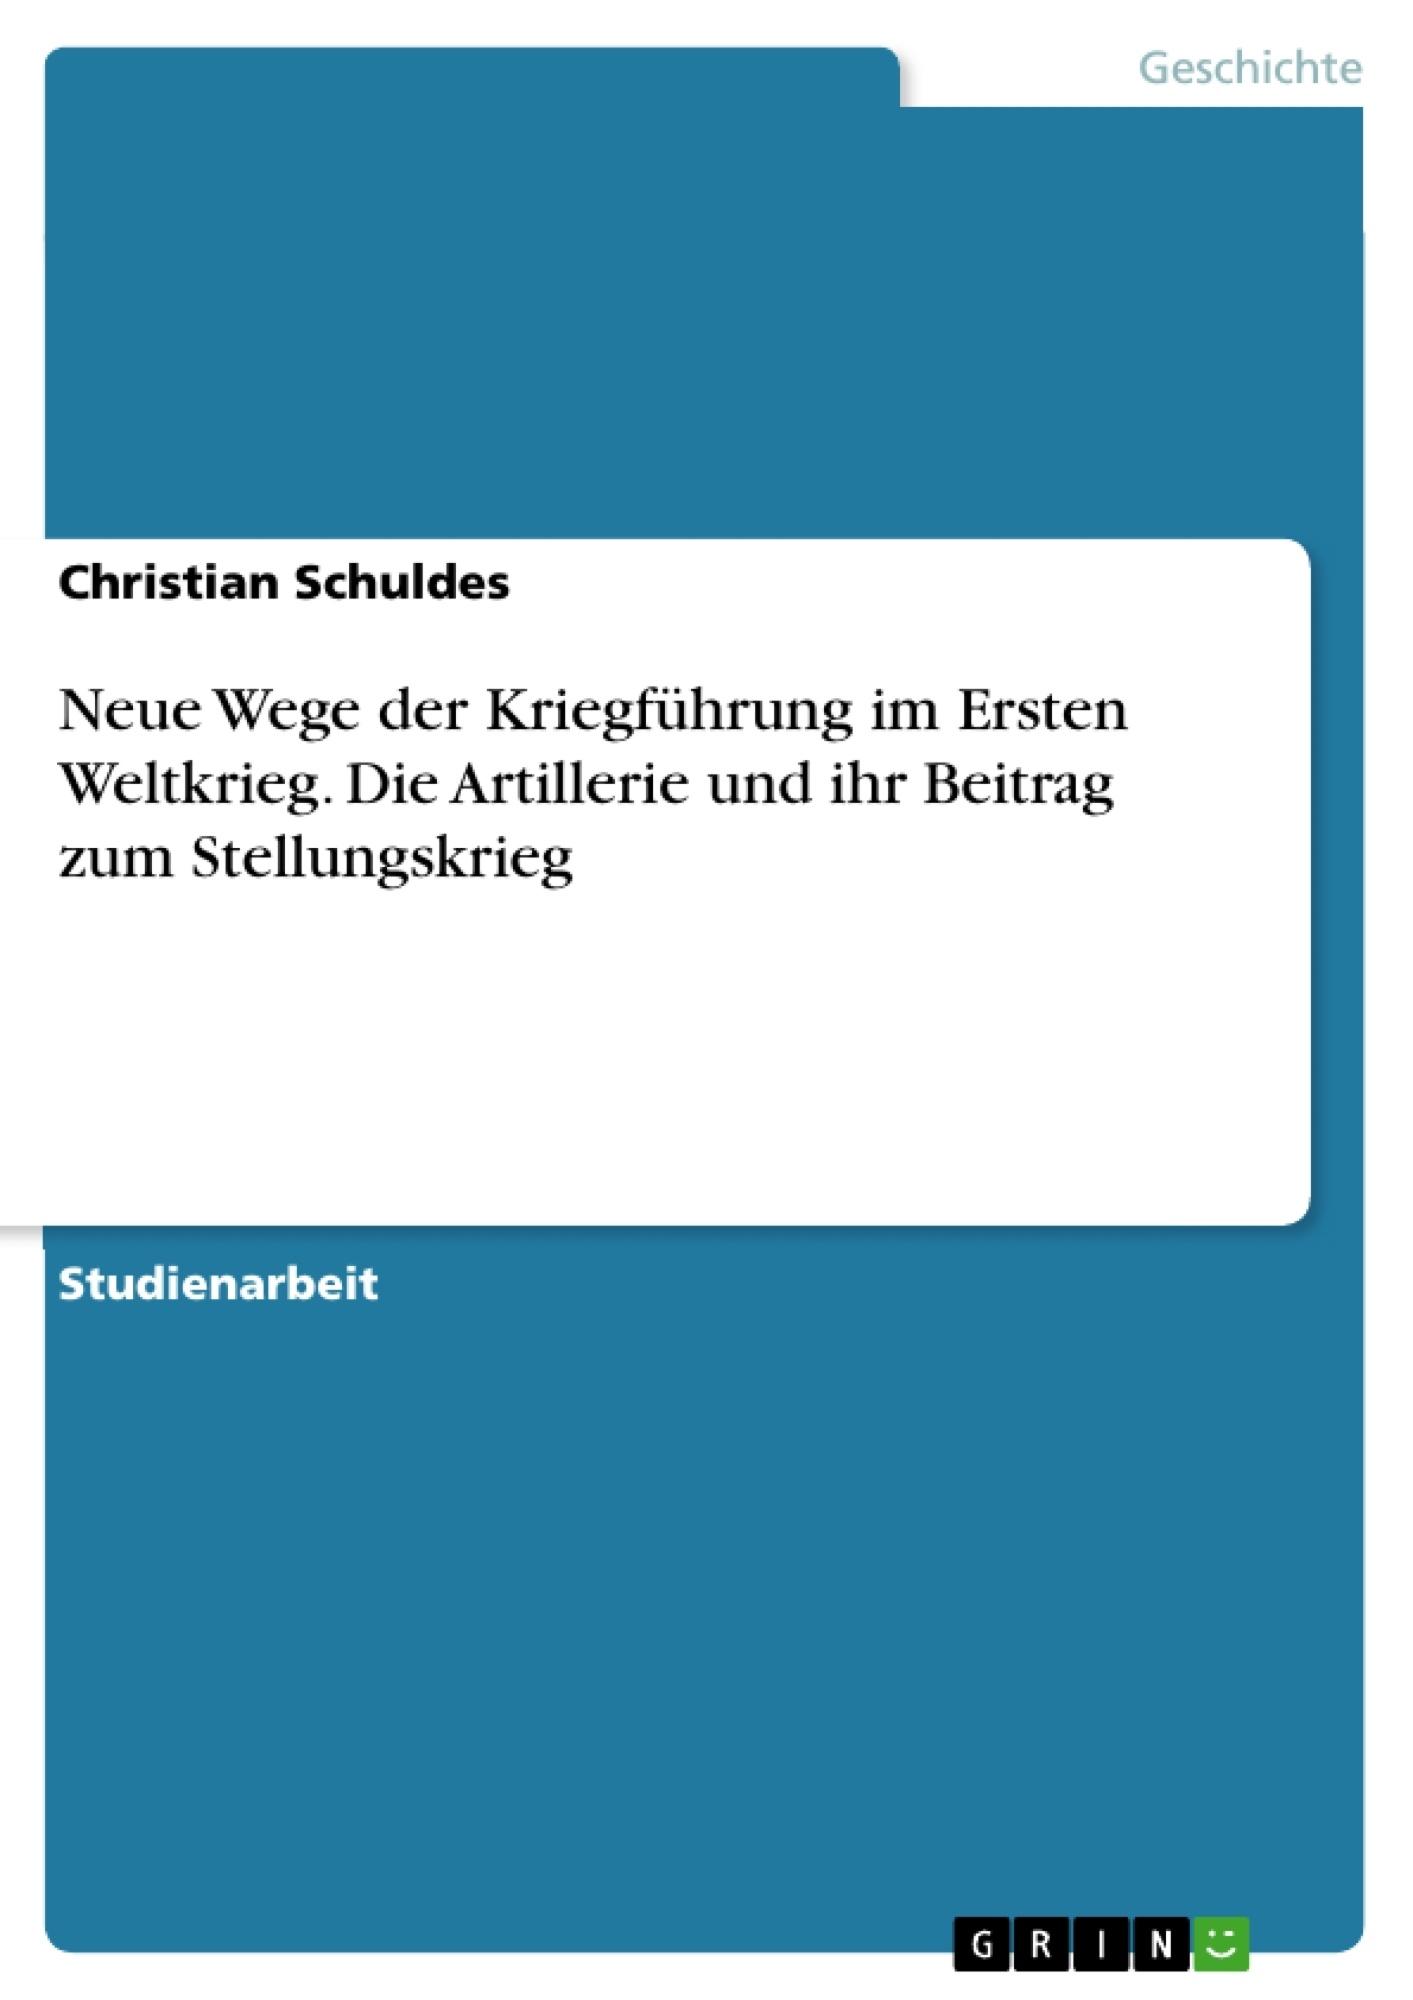 Titel: Neue Wege der Kriegführung im Ersten Weltkrieg. Die Artillerie und ihr Beitrag zum Stellungskrieg